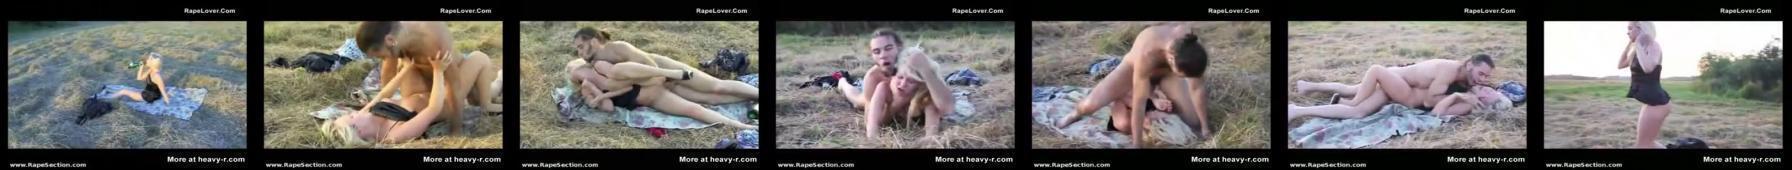 Dziewczyna na kocyku zgwałcona przez podglądacza